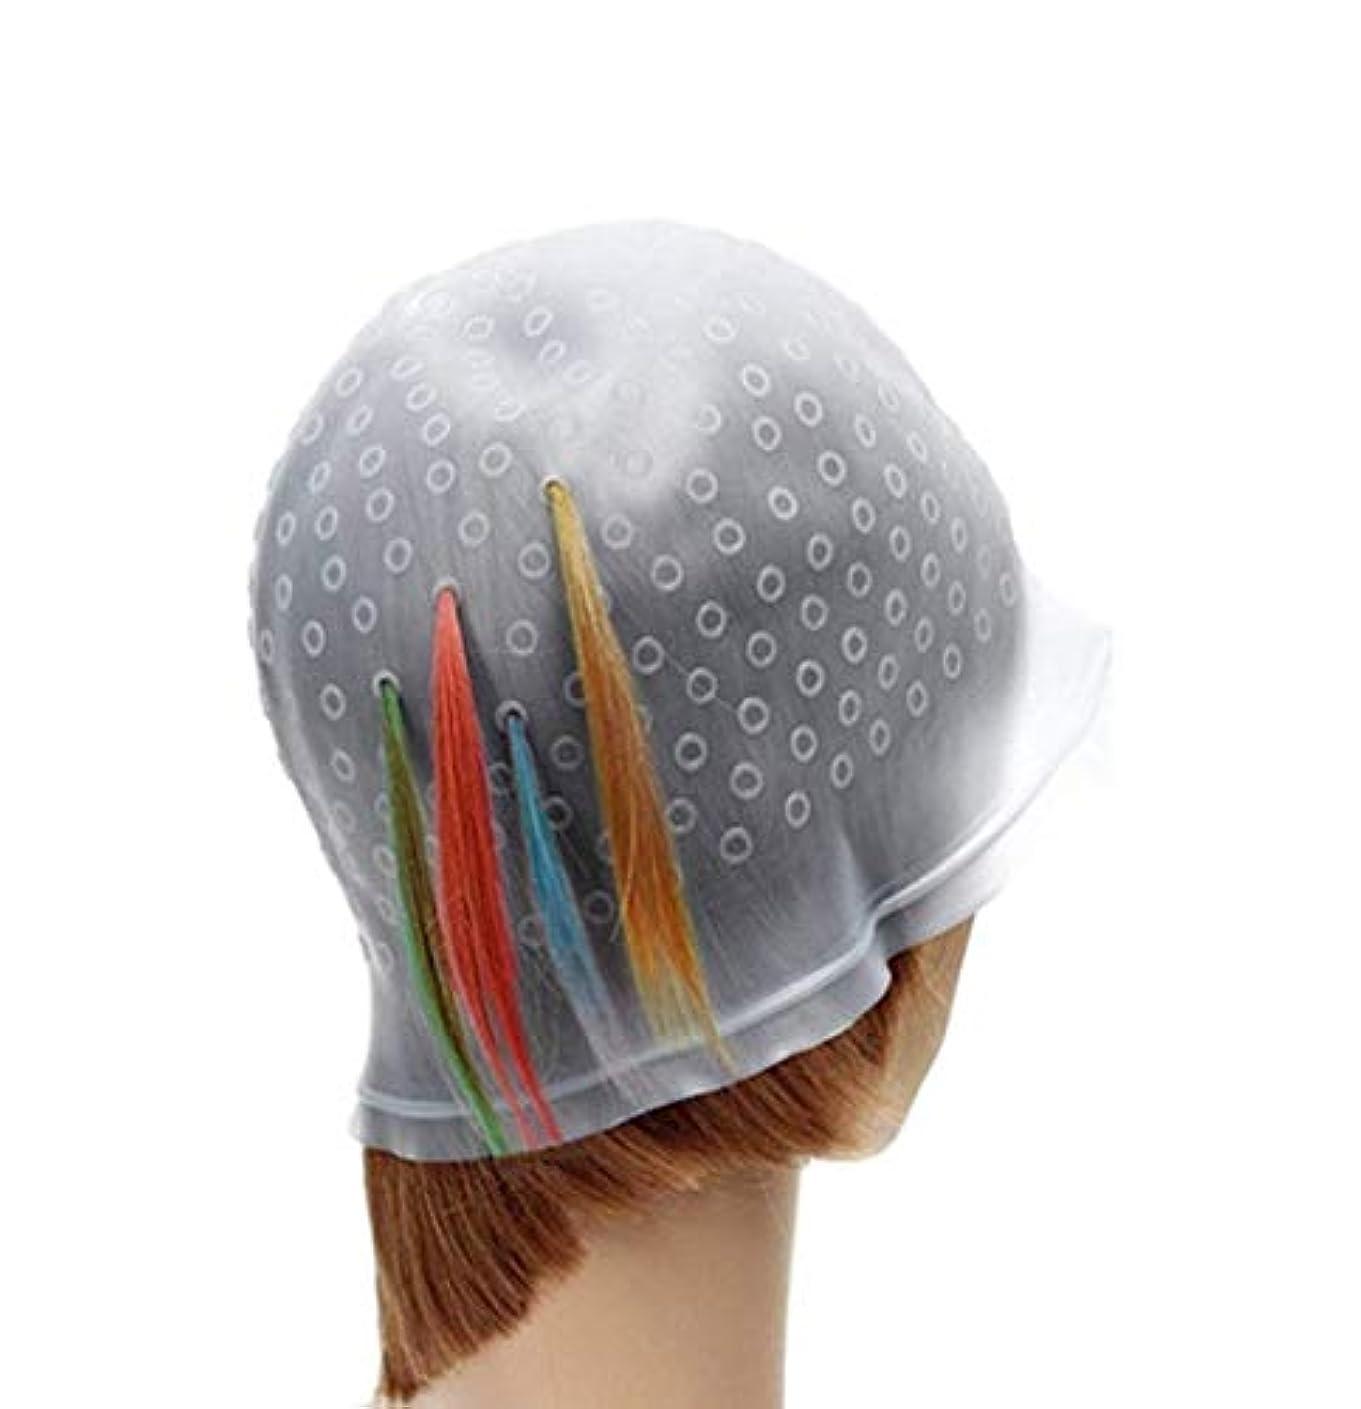 リア王安全でない薬用FACAI 洗って使える 毛染め ヘアカラー メッシュ 用 シリコン ヘア キャップ 穴あけポンチ シリコン キャップ (透明)